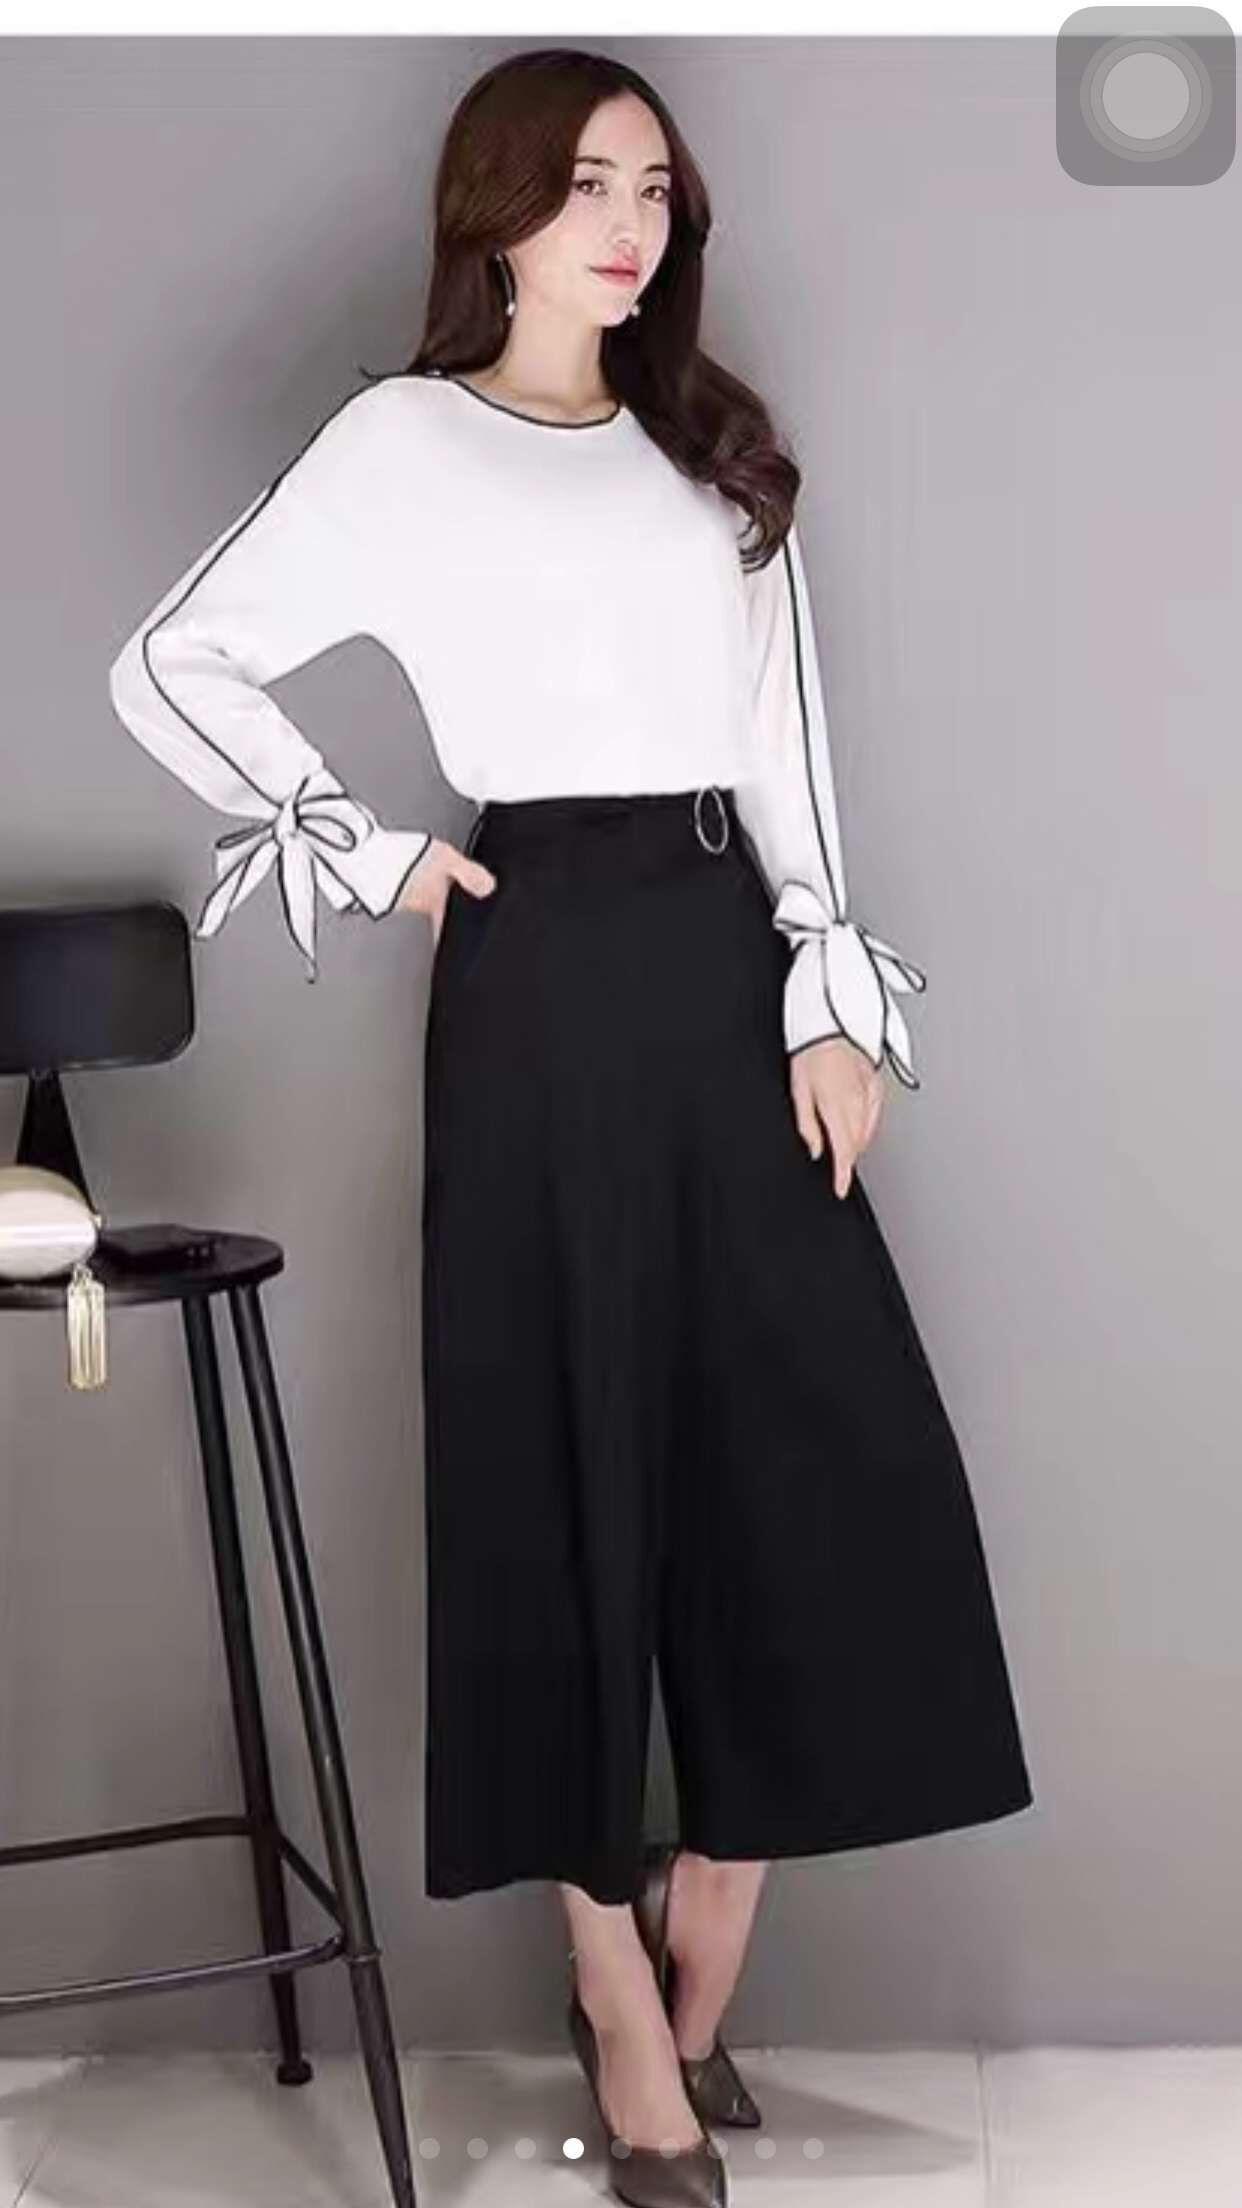 这是第5张潮流服饰厂家直销时尚女装一件代发货的货源图片